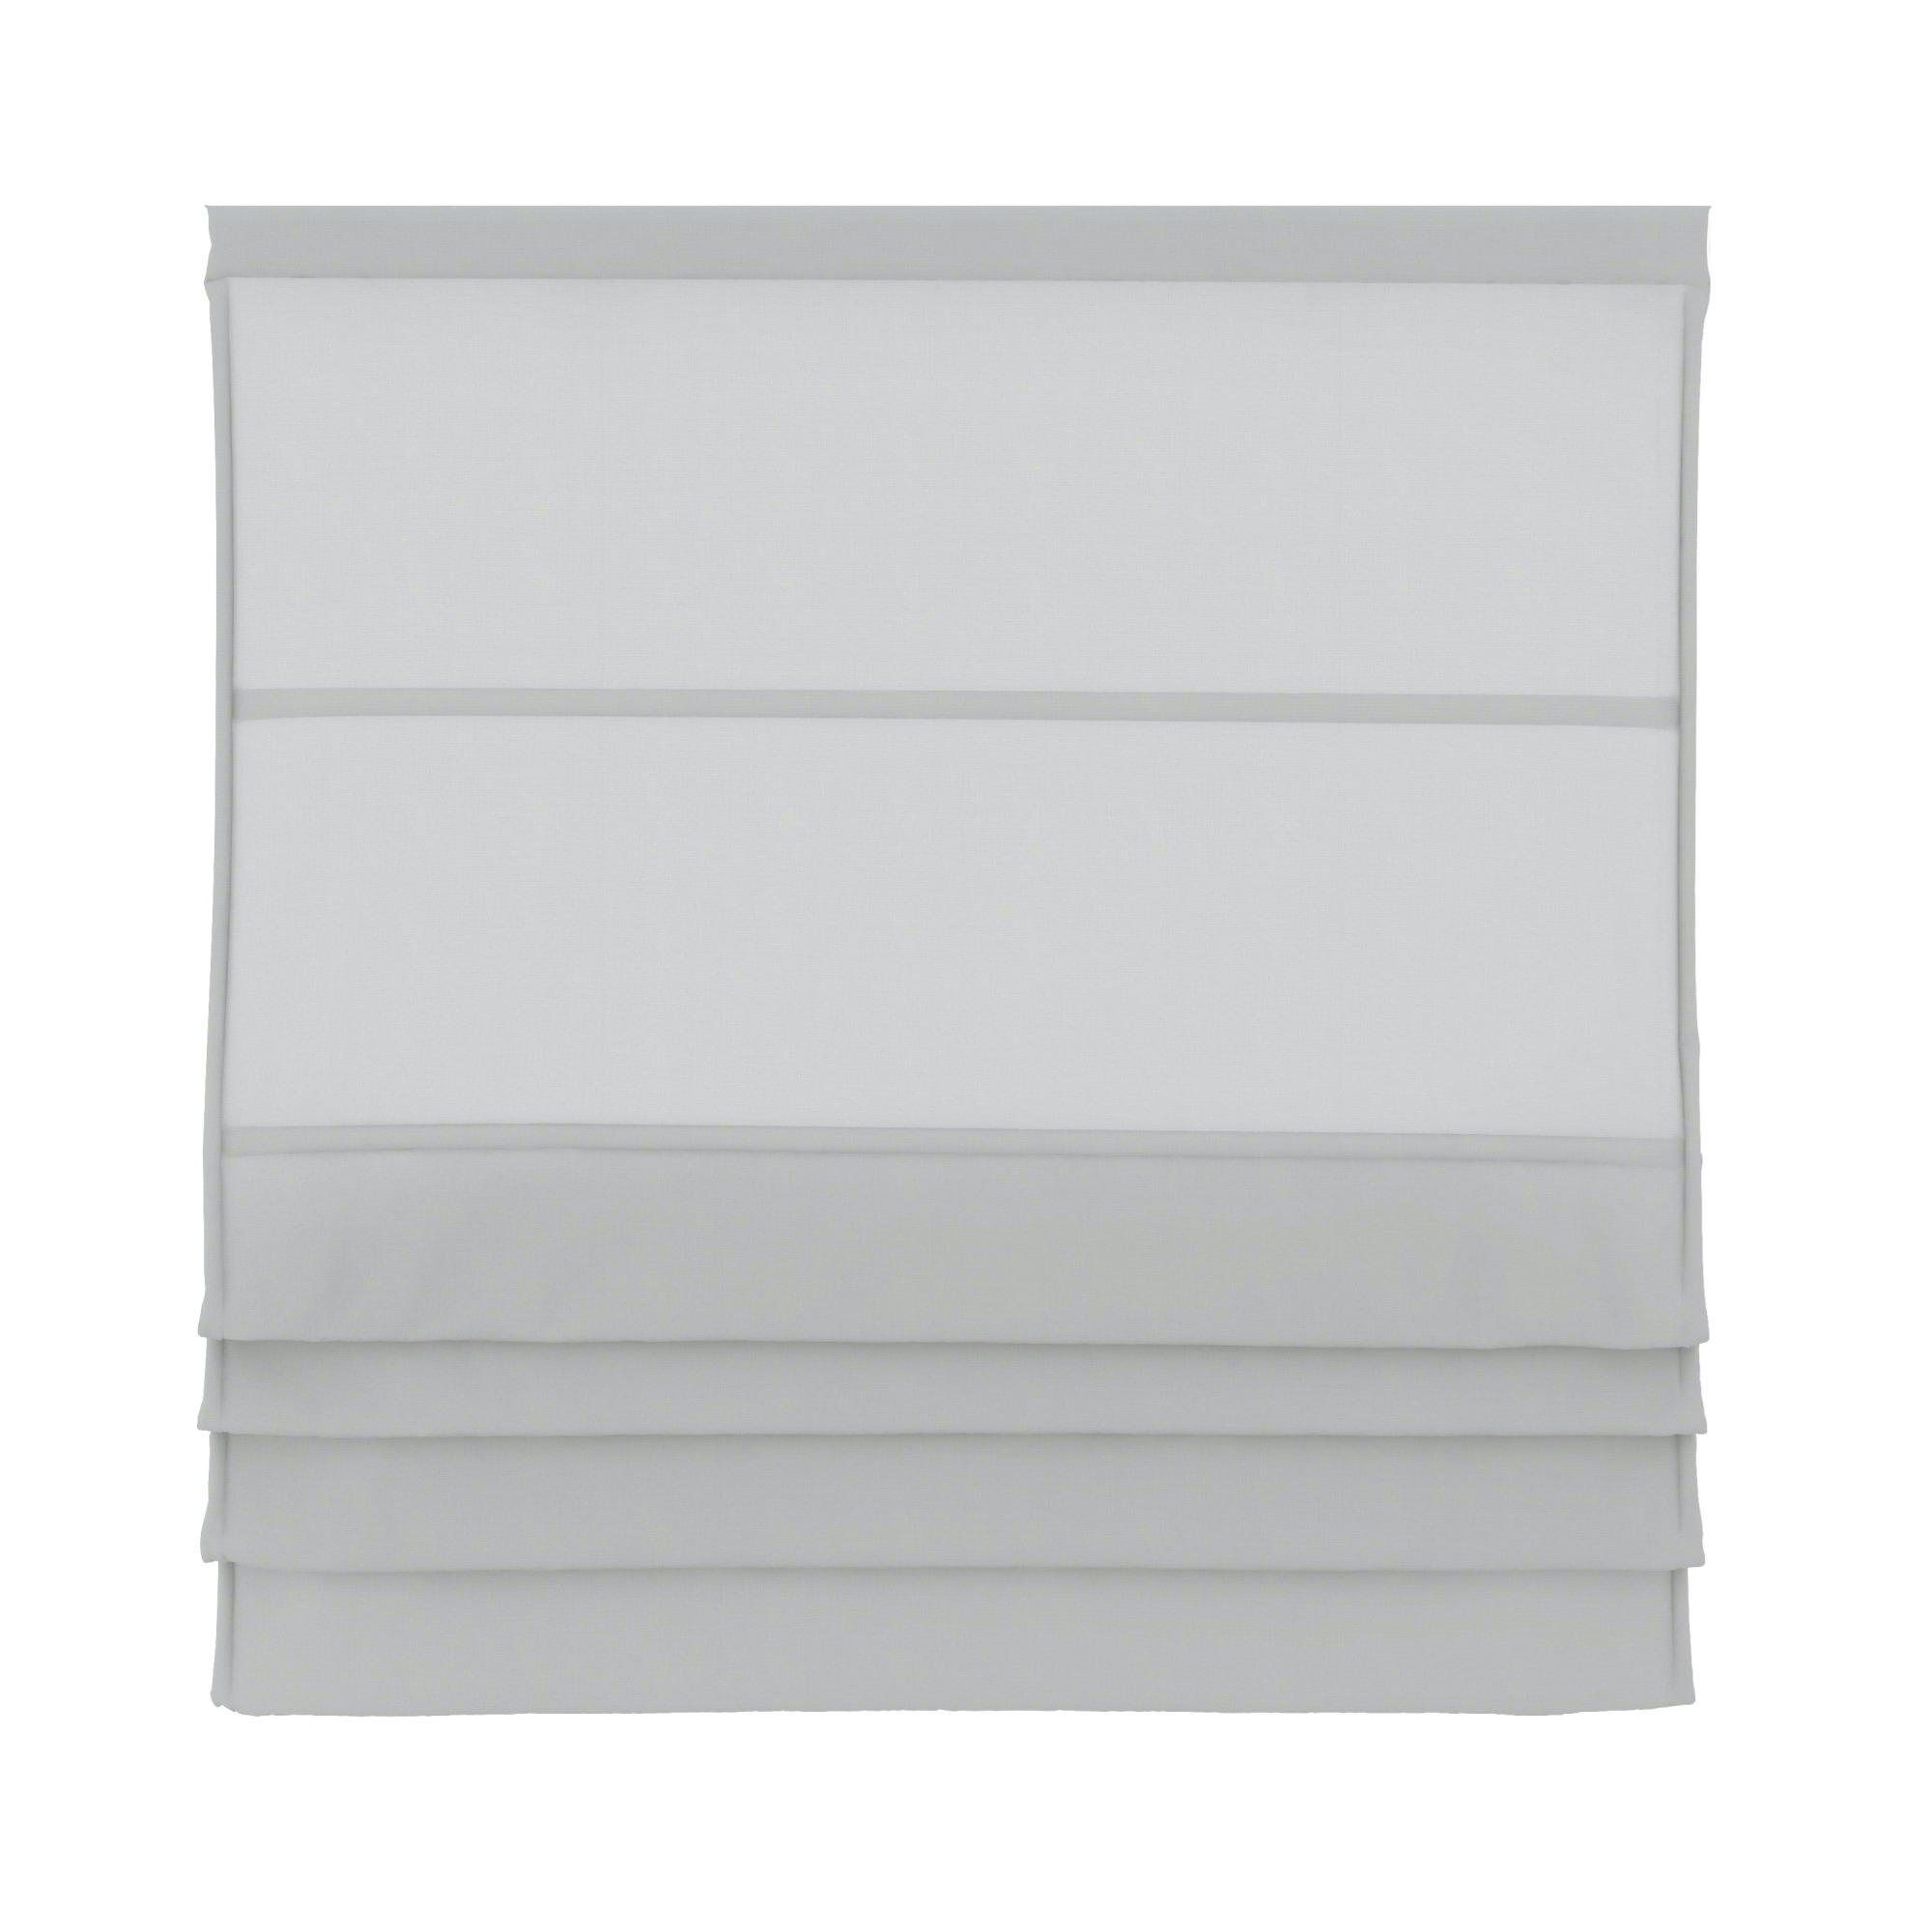 gamma vouwgordijn 2100 wit 120x180 cm maatwerk